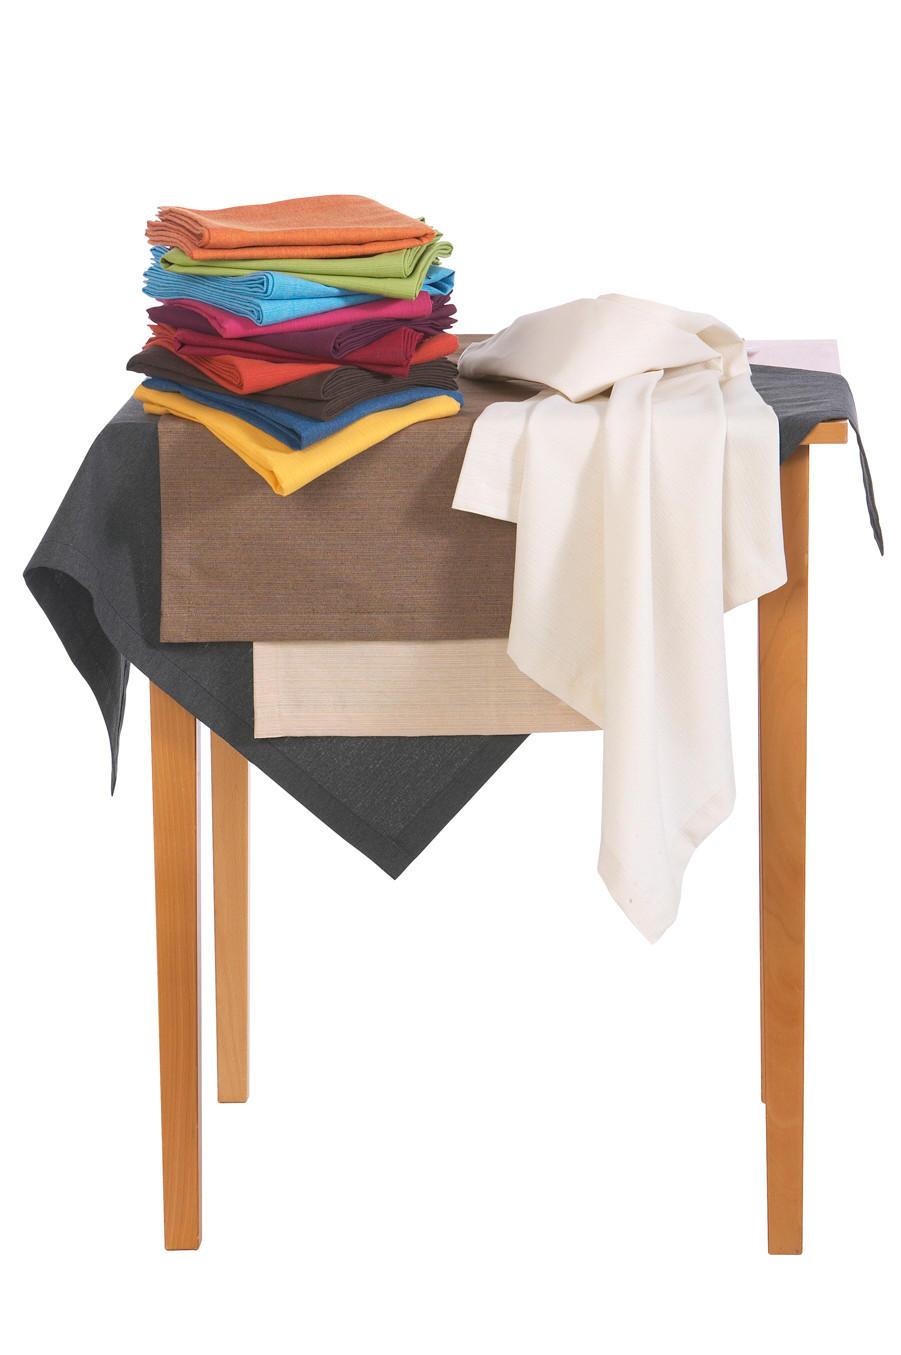 TISCHDECKE Textil Leinwand, Struktur Grün 160 cm - Grün, Textil (160cm) - NOVEL